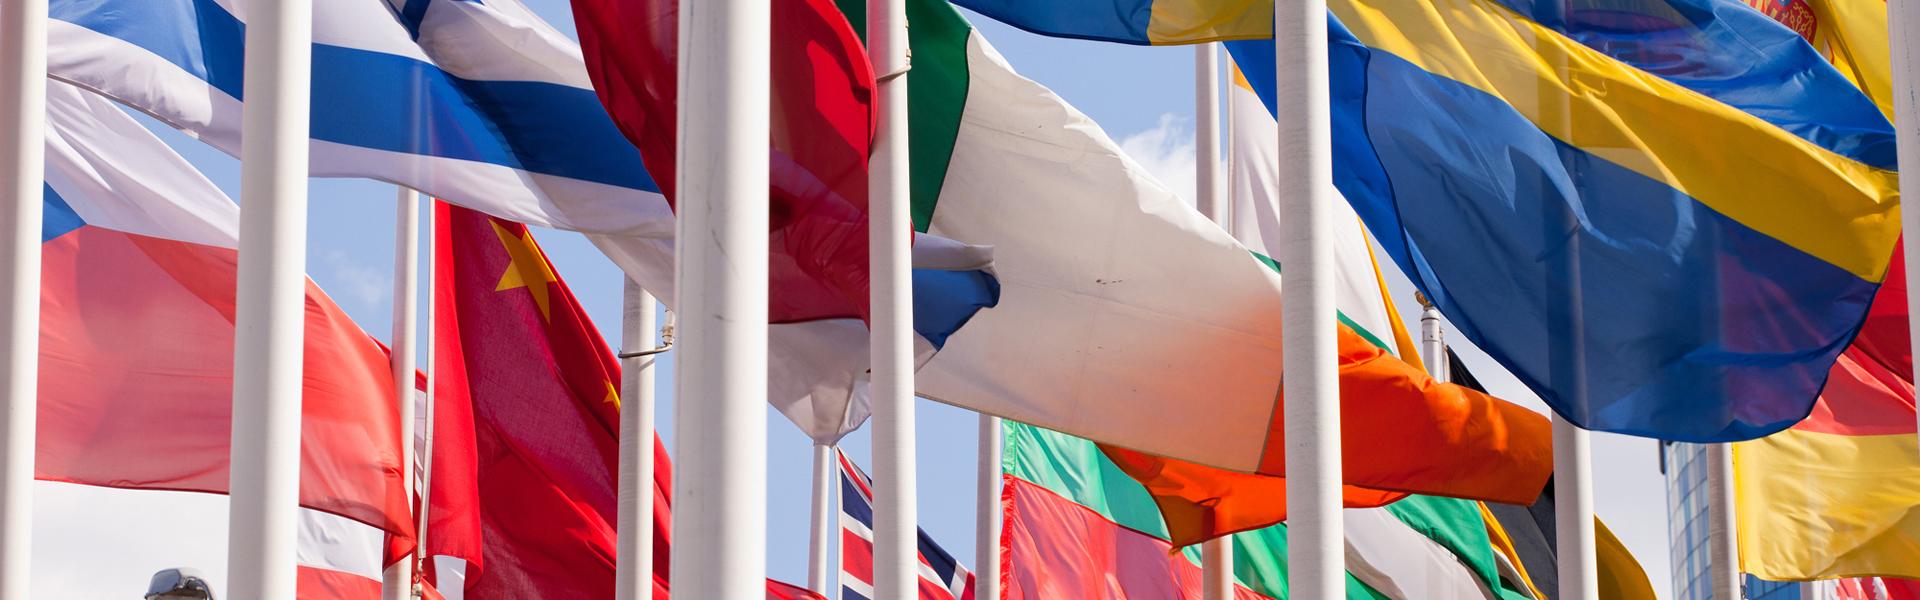 Contatore Bandiere gratuito professionale